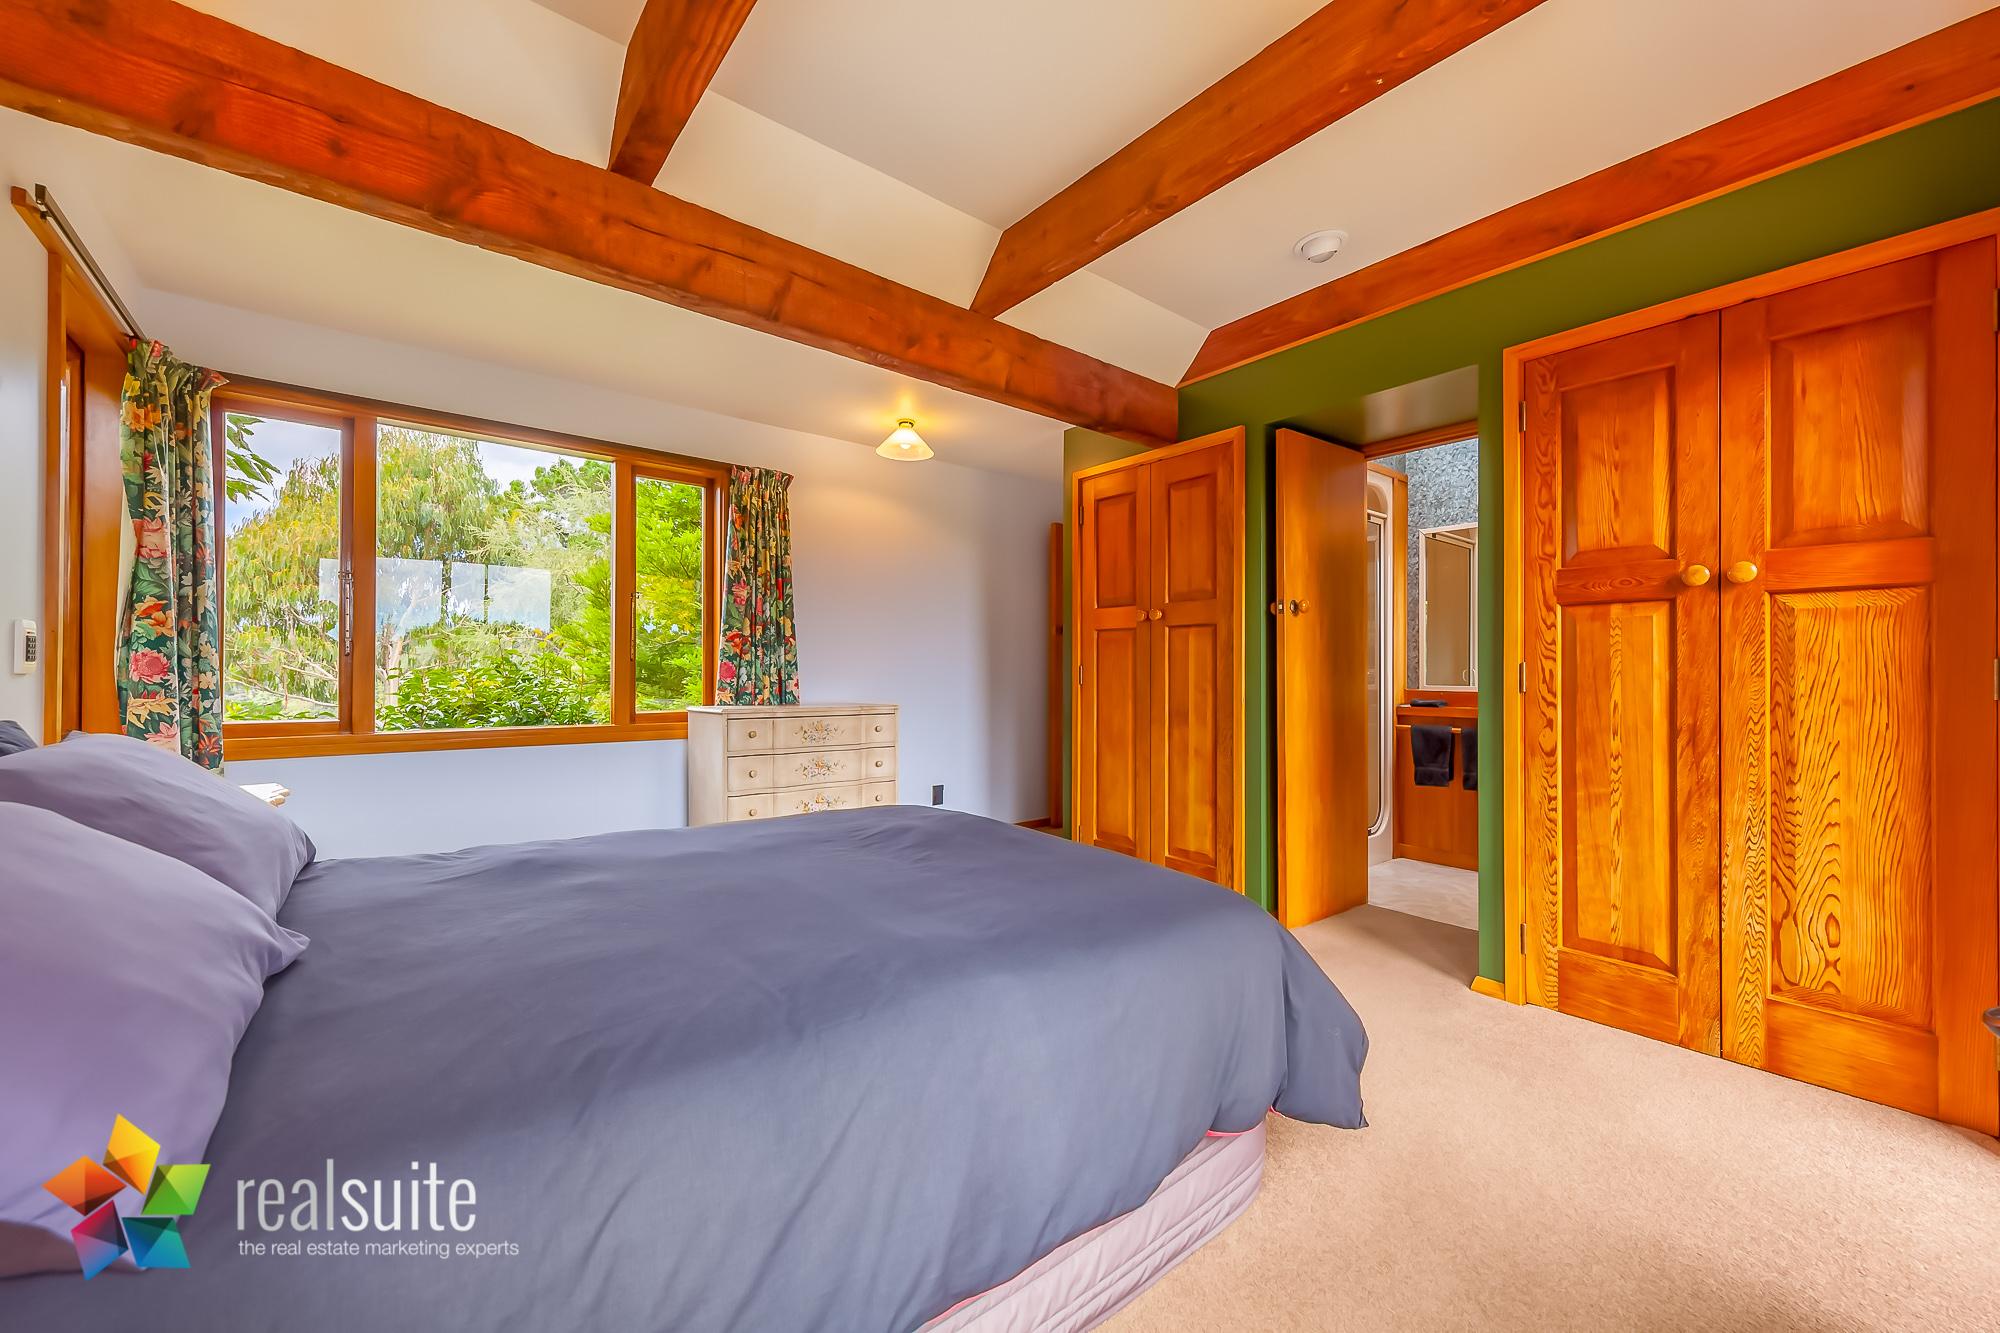 Realsuite Bedrooms (52)